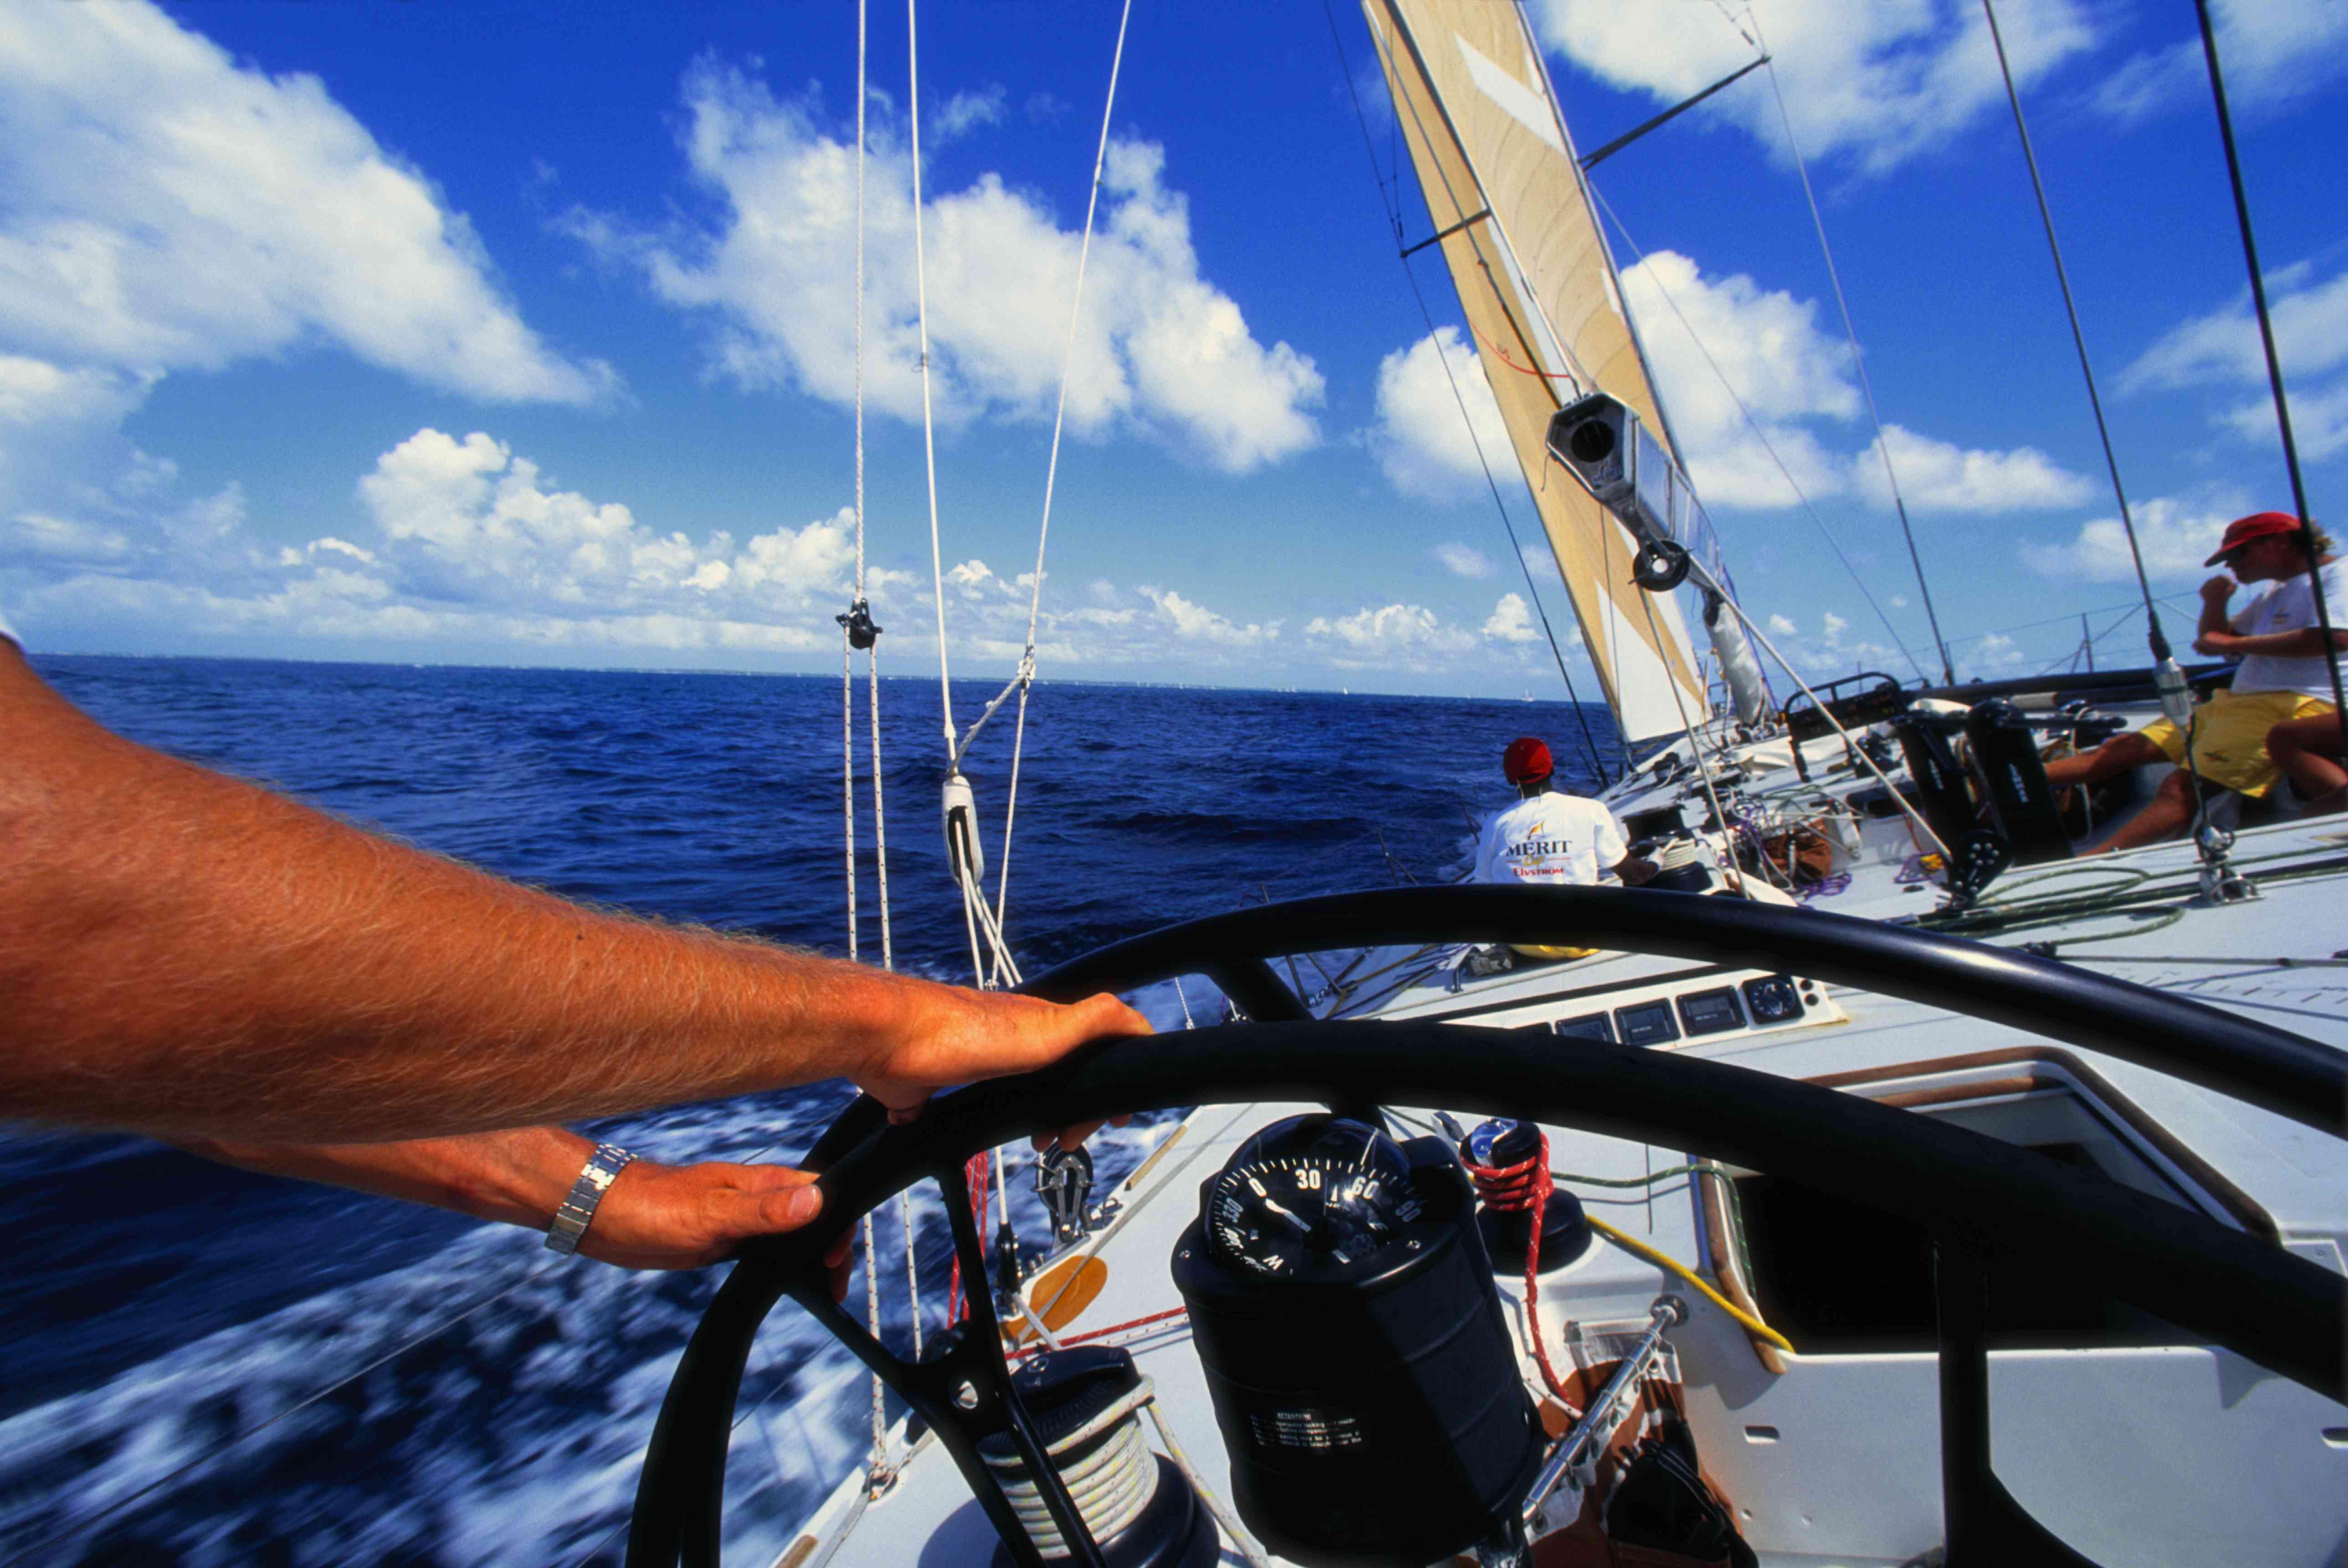 Sailor steering a Sailboat